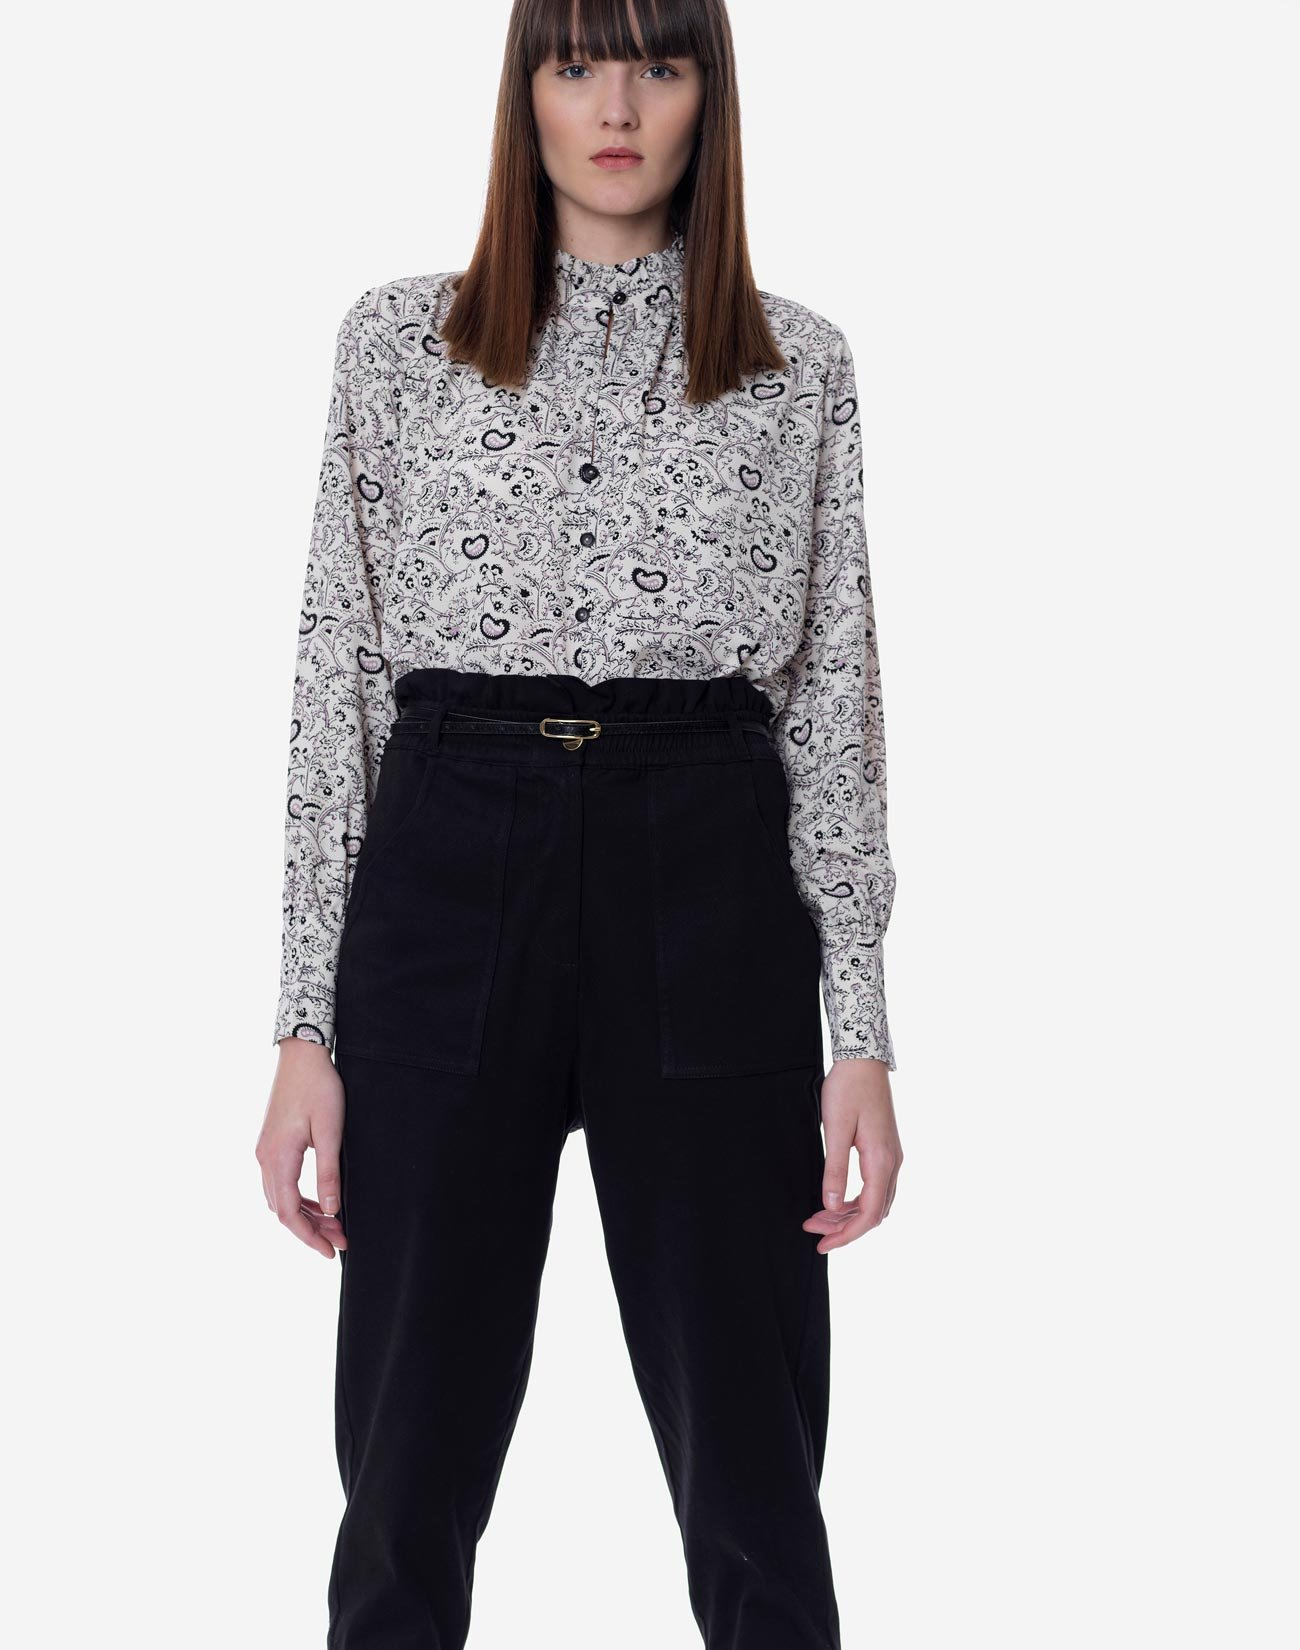 High waist baggy trouser